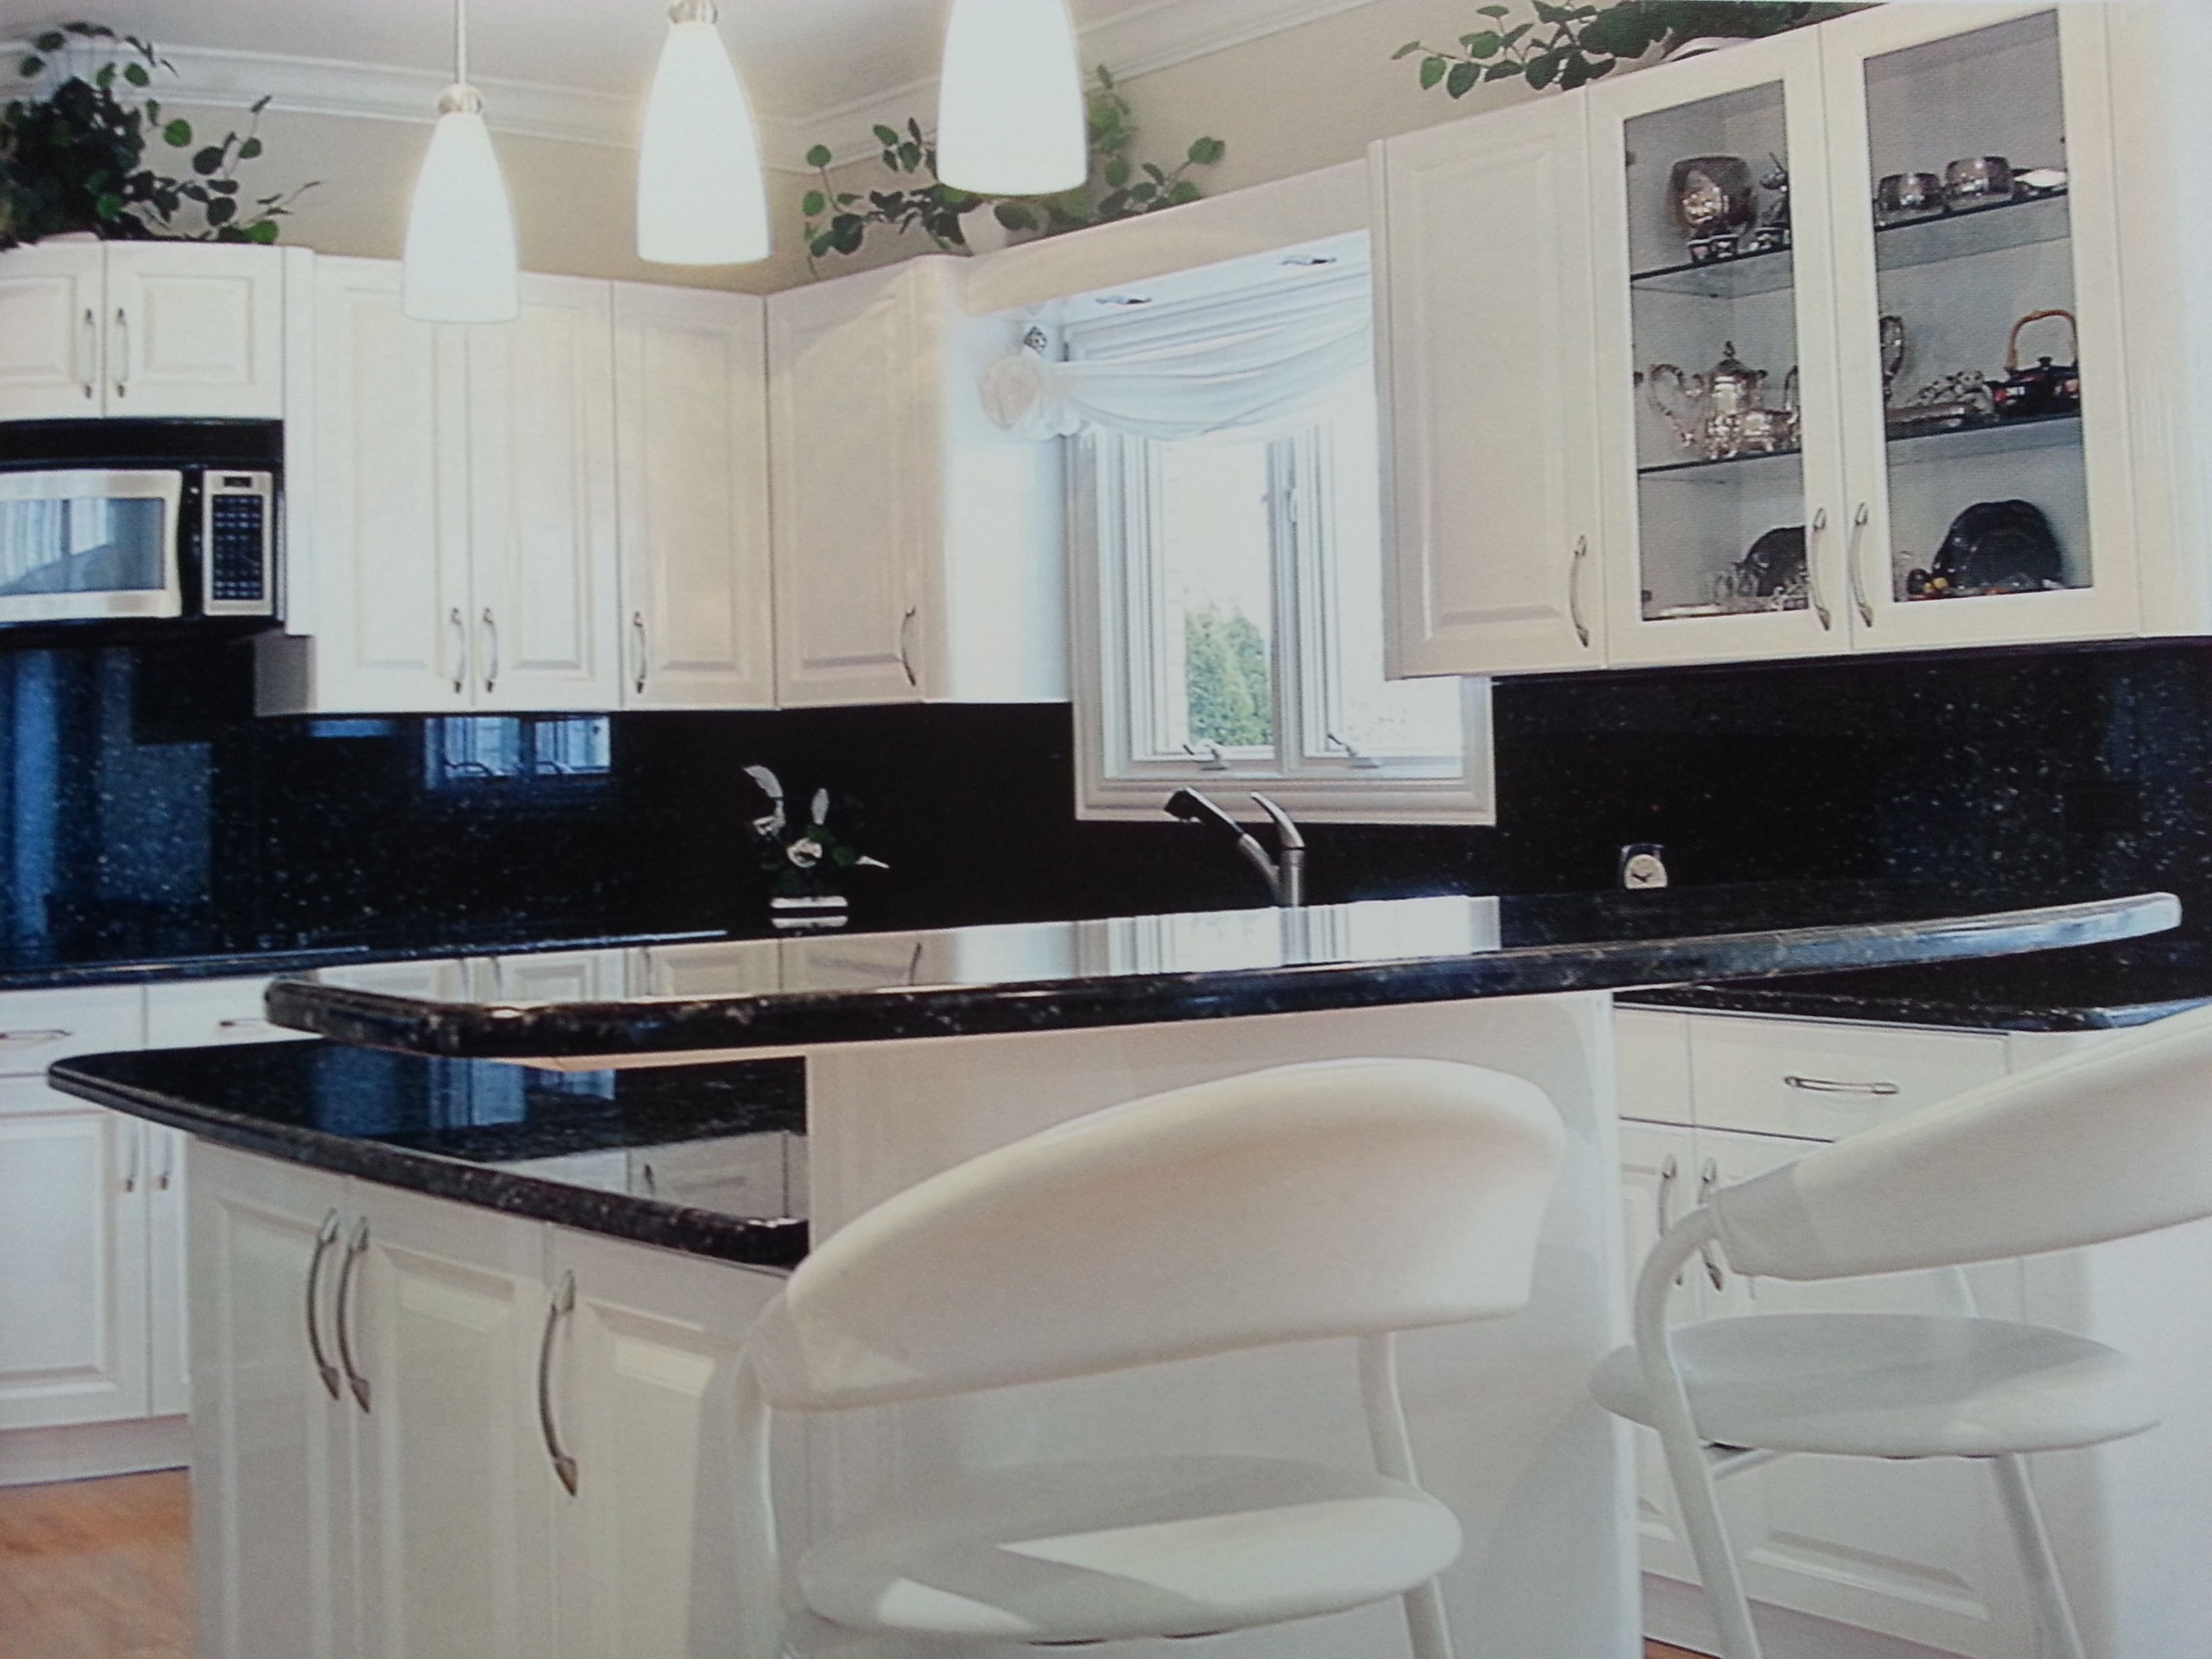 Cocina en laca blanca mate y encimera en granito negro for Cocina blanca encimera granito negra